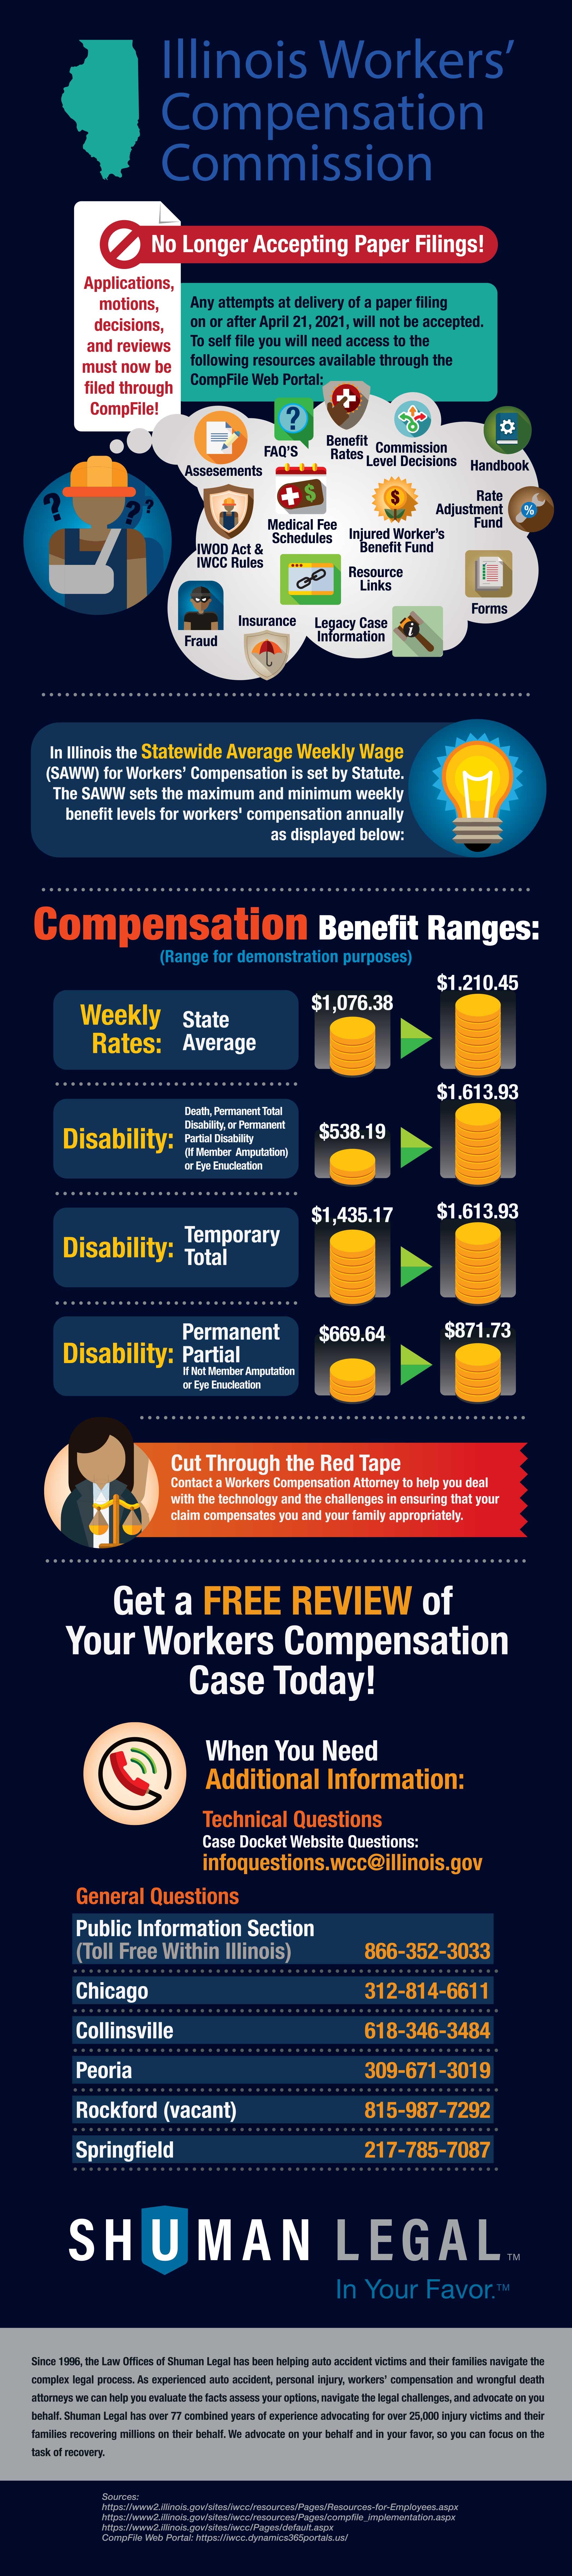 U.S. WORKPLACE INJURY STATISTICS